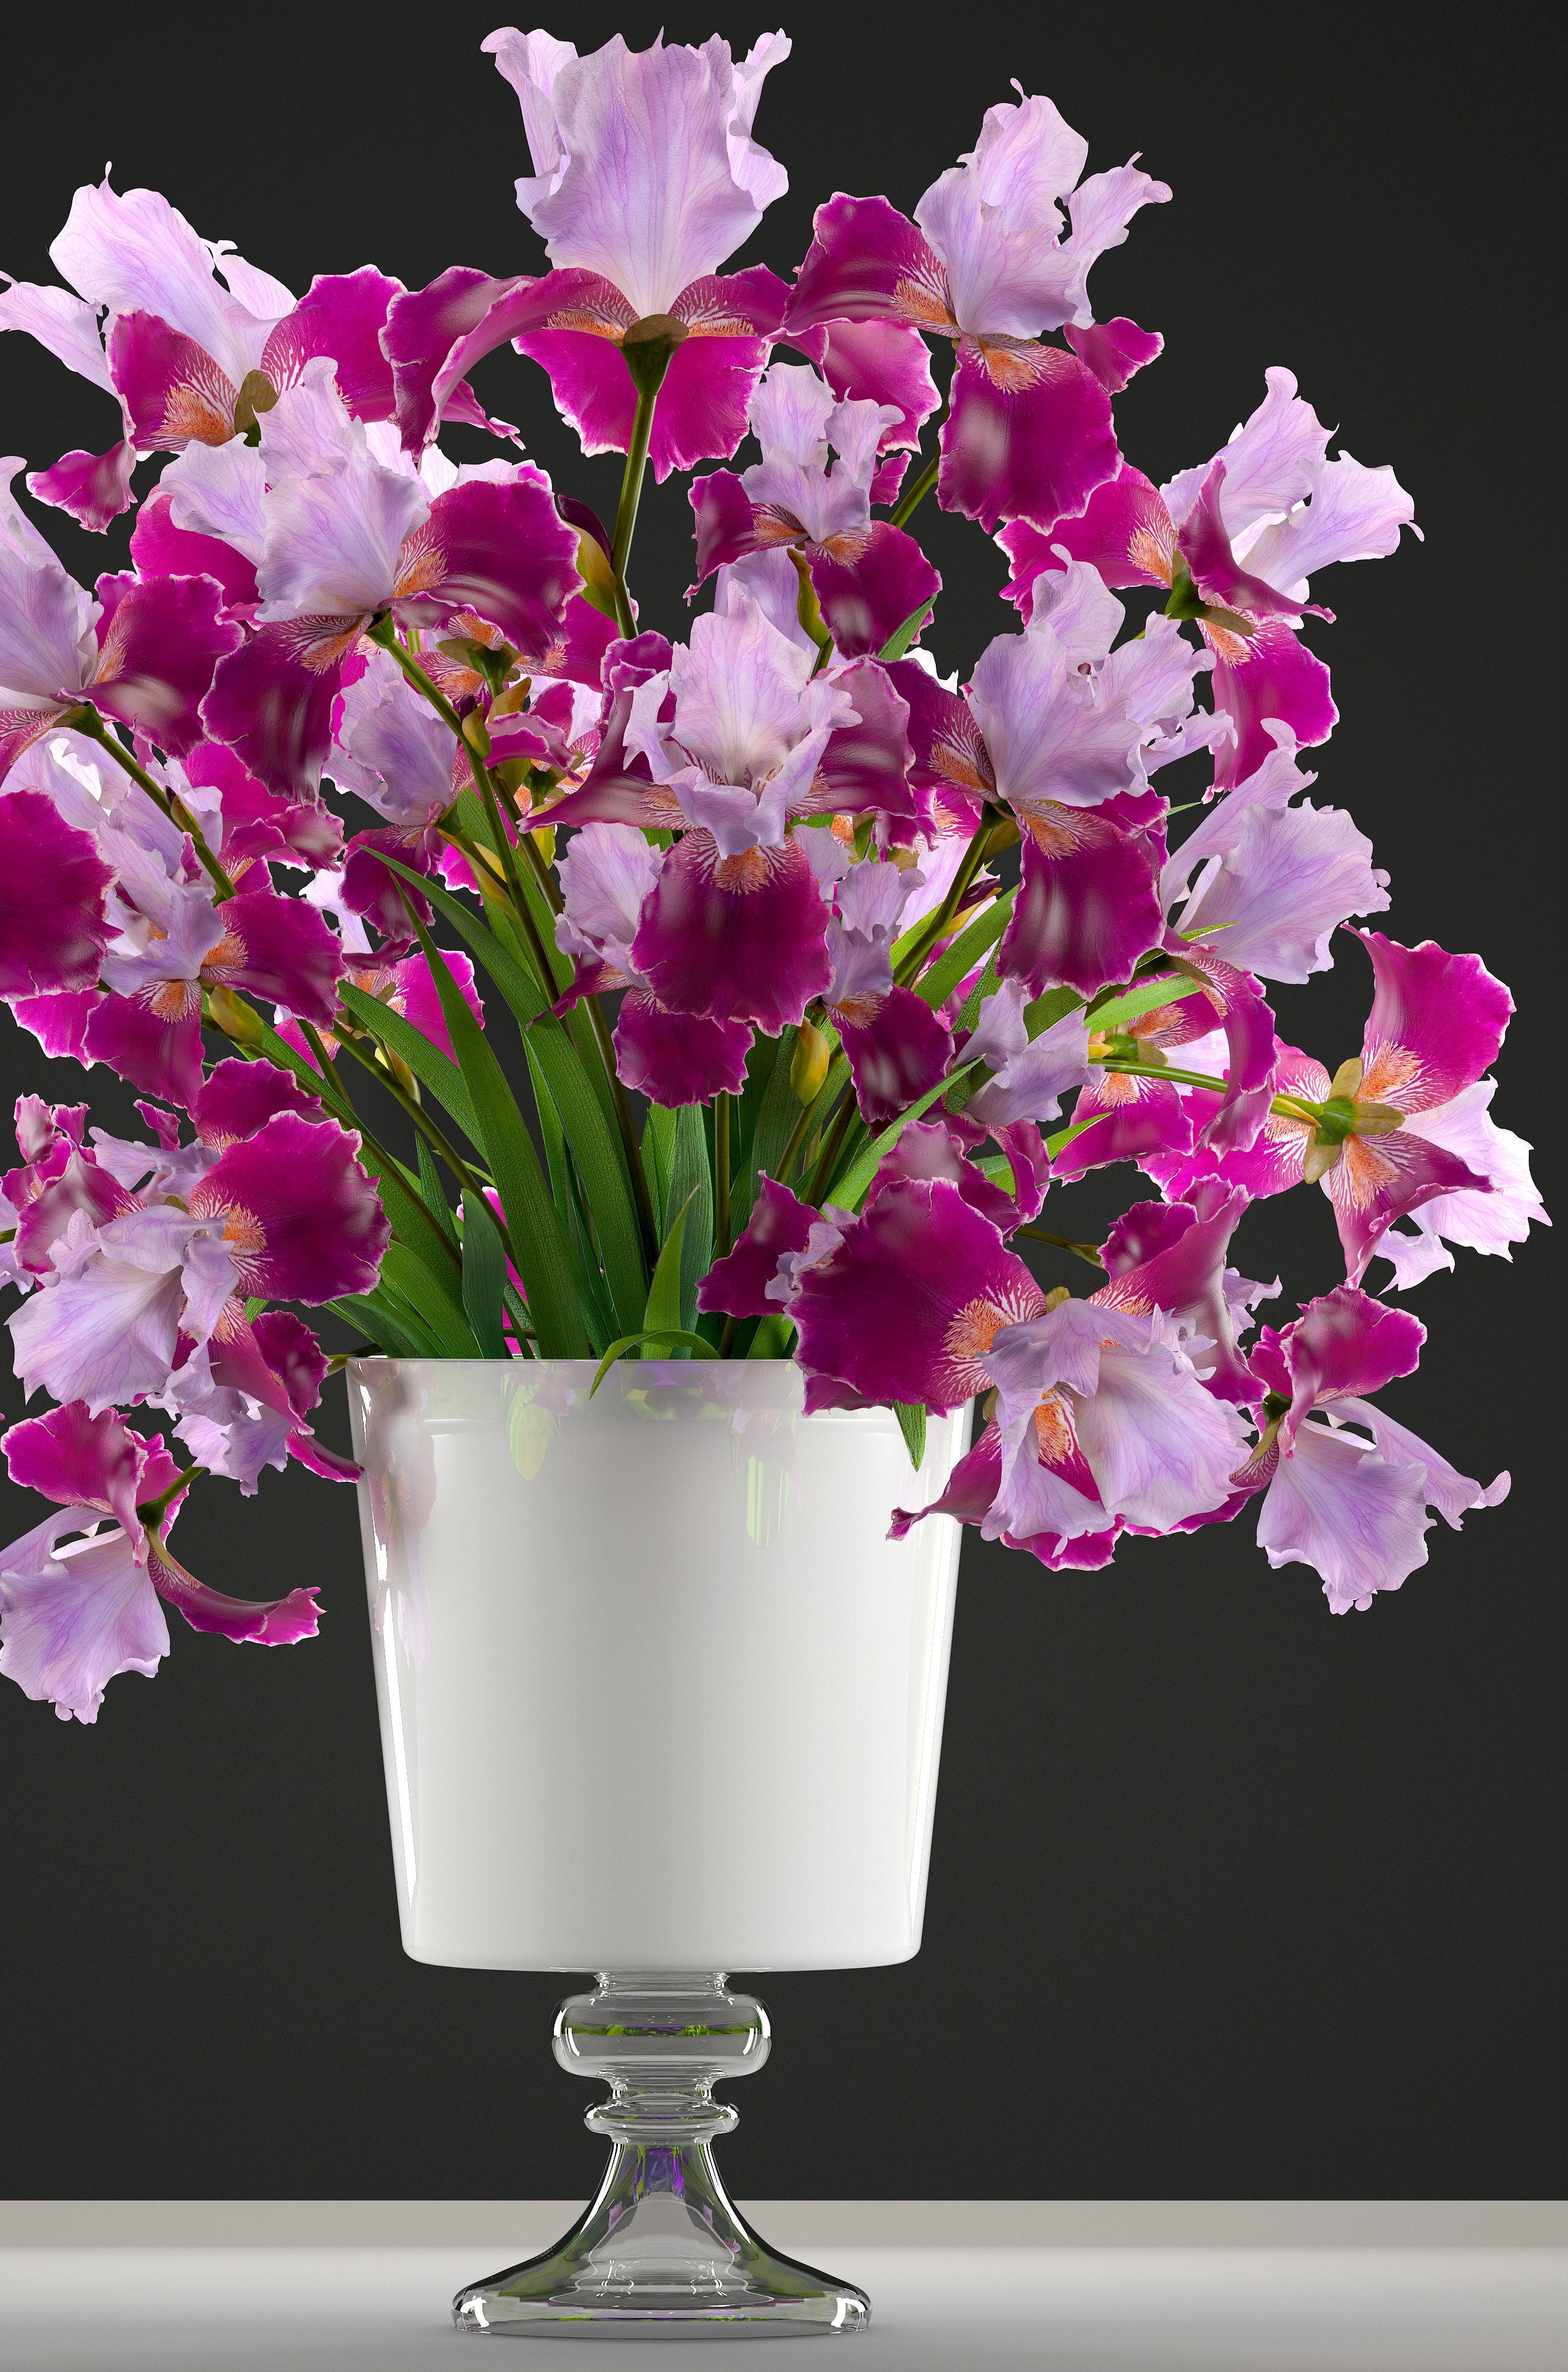 Flower bouquet of iris 3d model cgtrader flower bouquet of iris 3d model max obj mtl fbx 2 izmirmasajfo